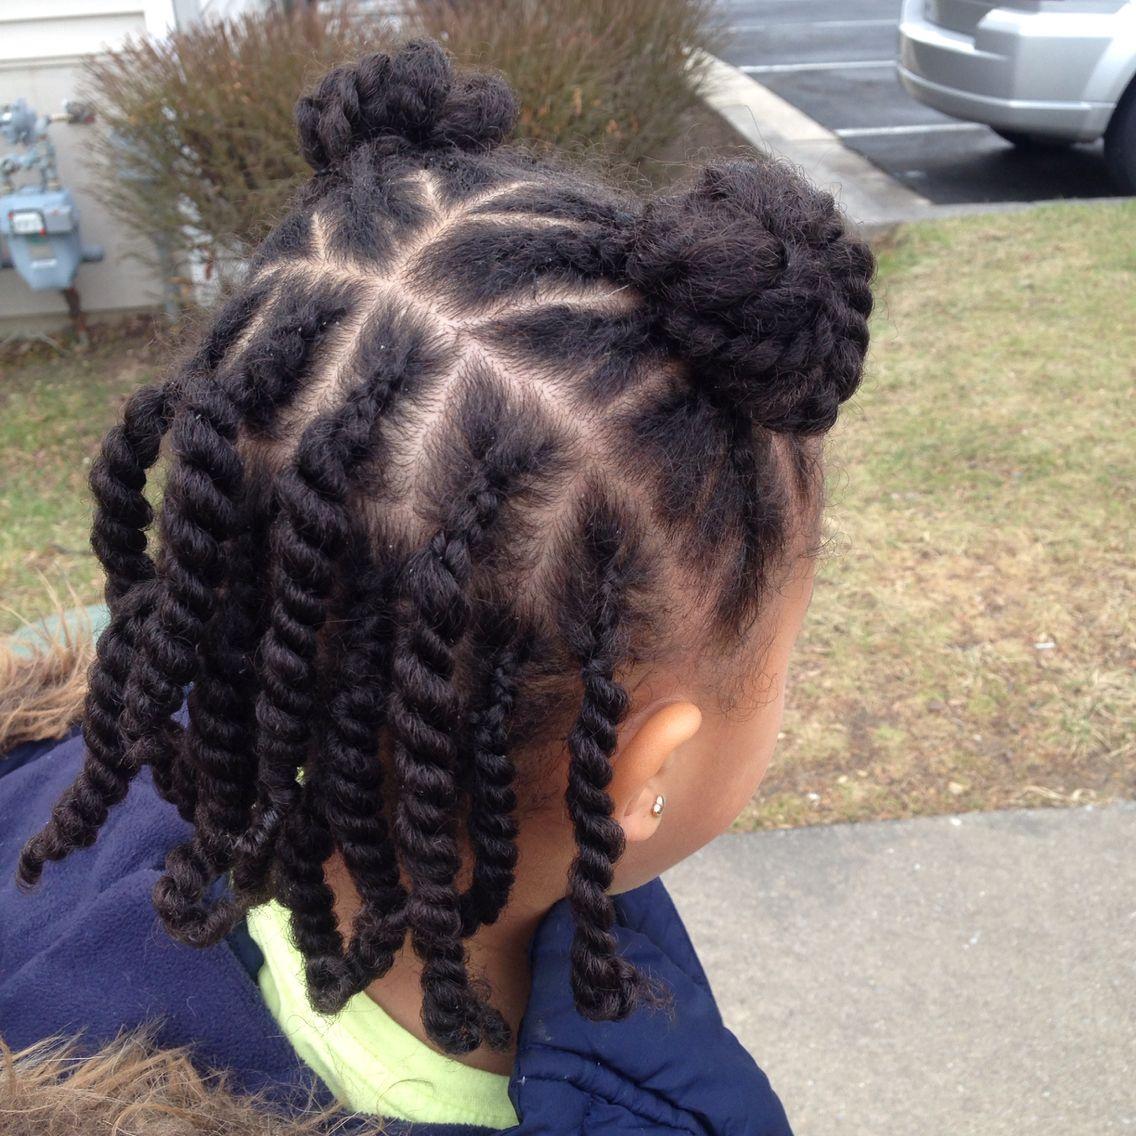 Natural kids hairstyle | Natural hair styles, Natural ...